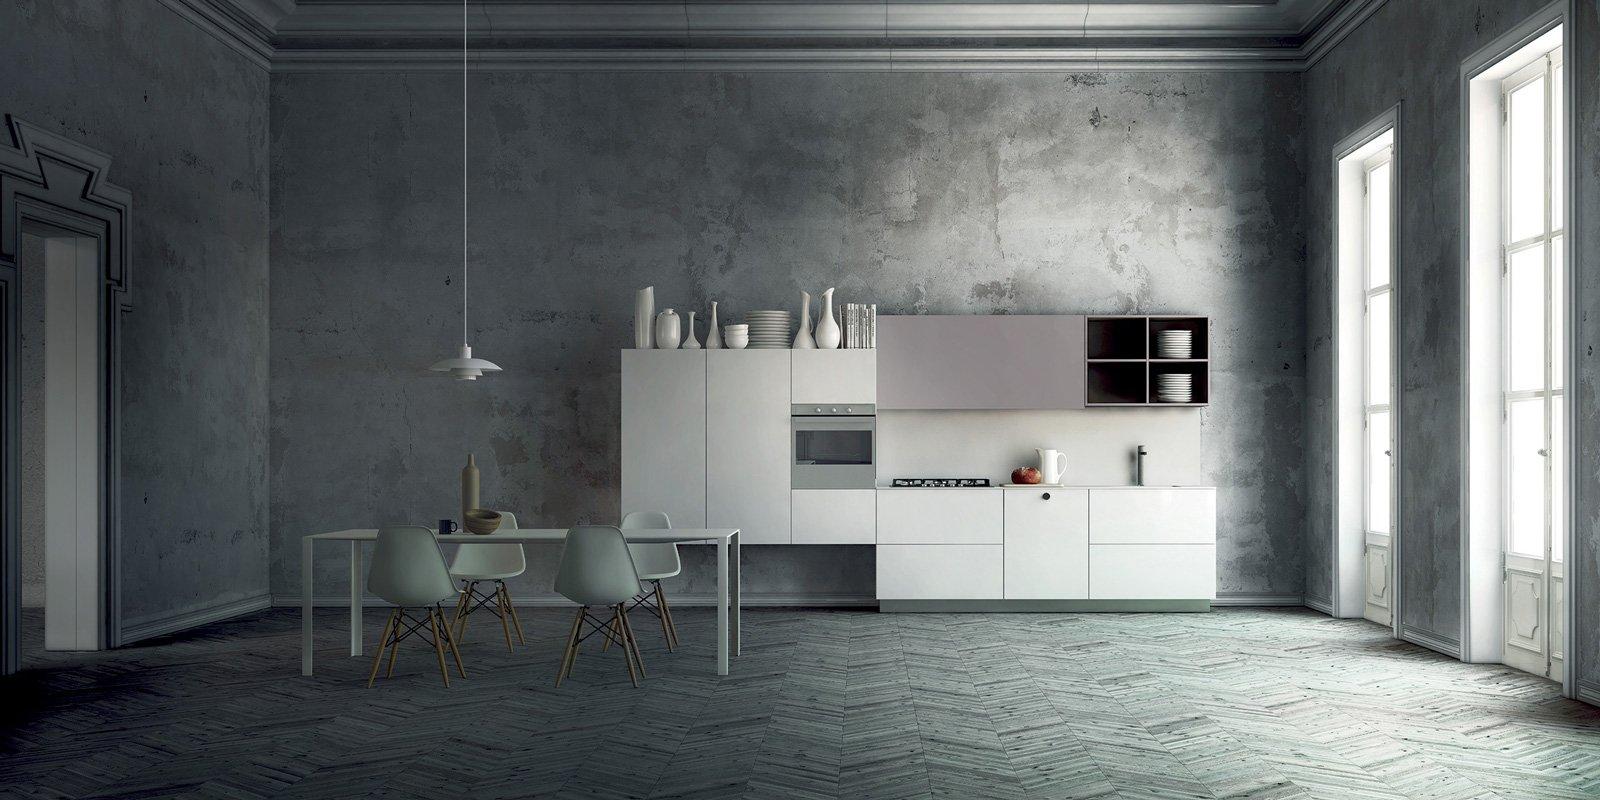 Cucine laccate bianche cool cucine bianche with cucine laccate bianche fabulous scenery with - Schmidt cucine torino ...